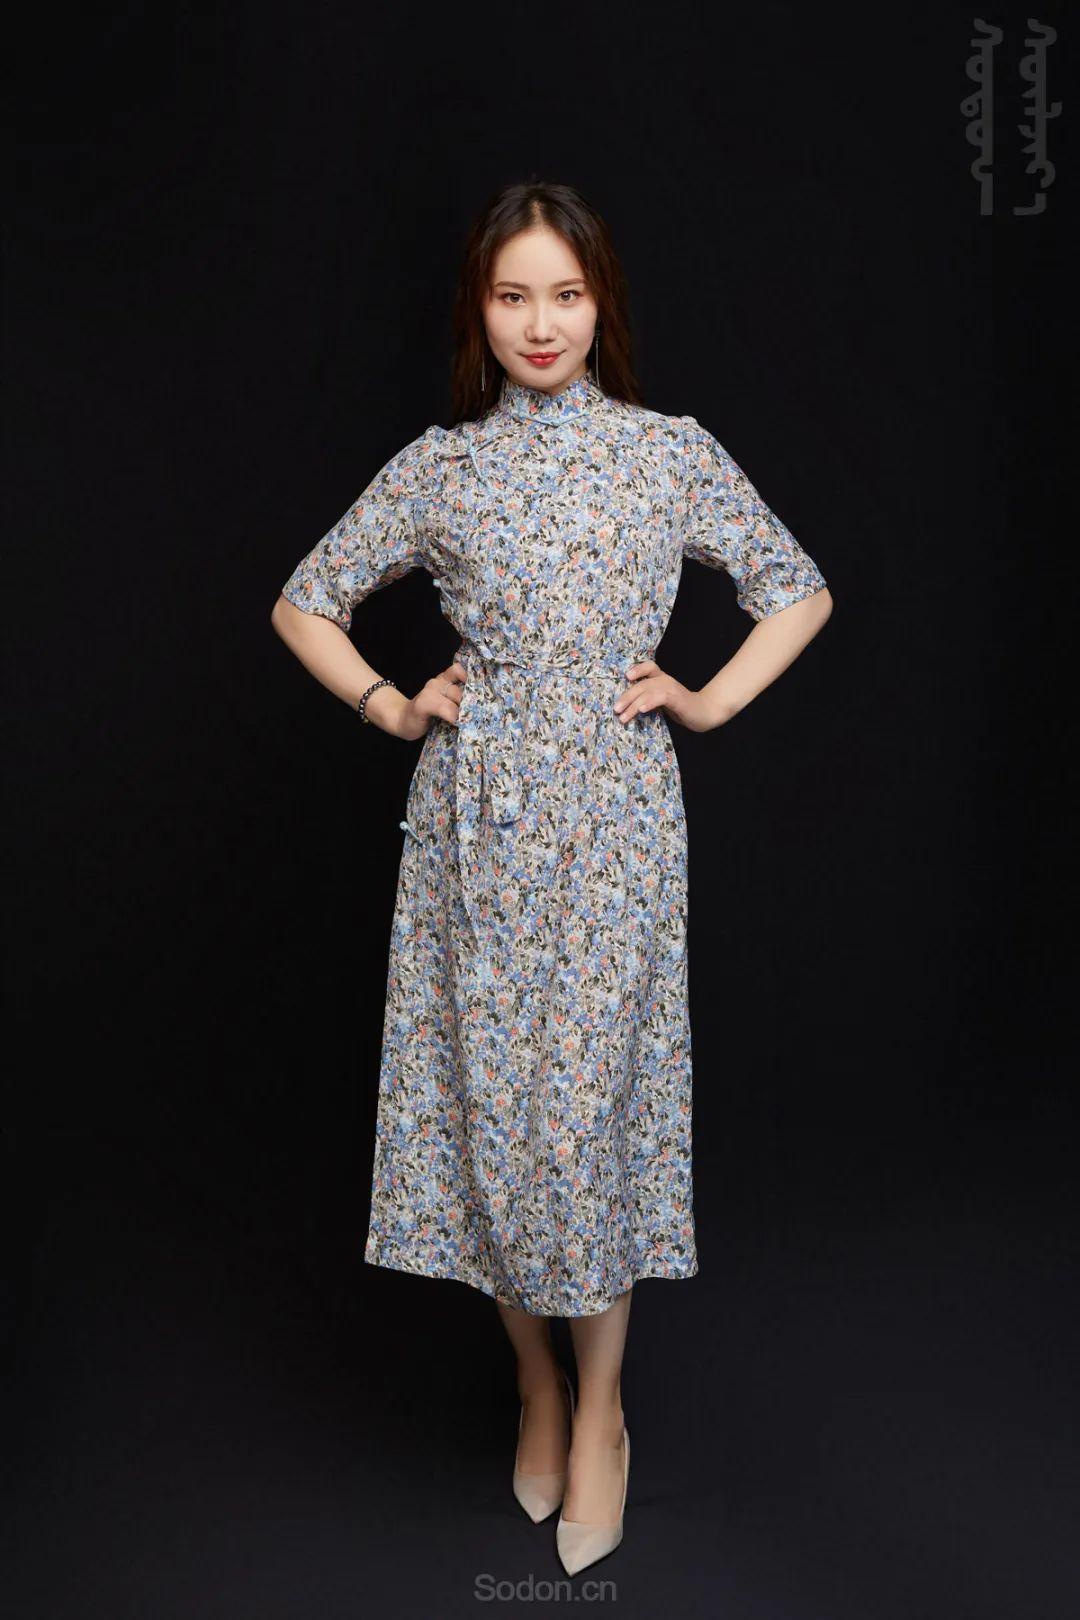 DOMOG蒙古时装2020新款夏季连衣裙首发,618钜惠七折! 第21张